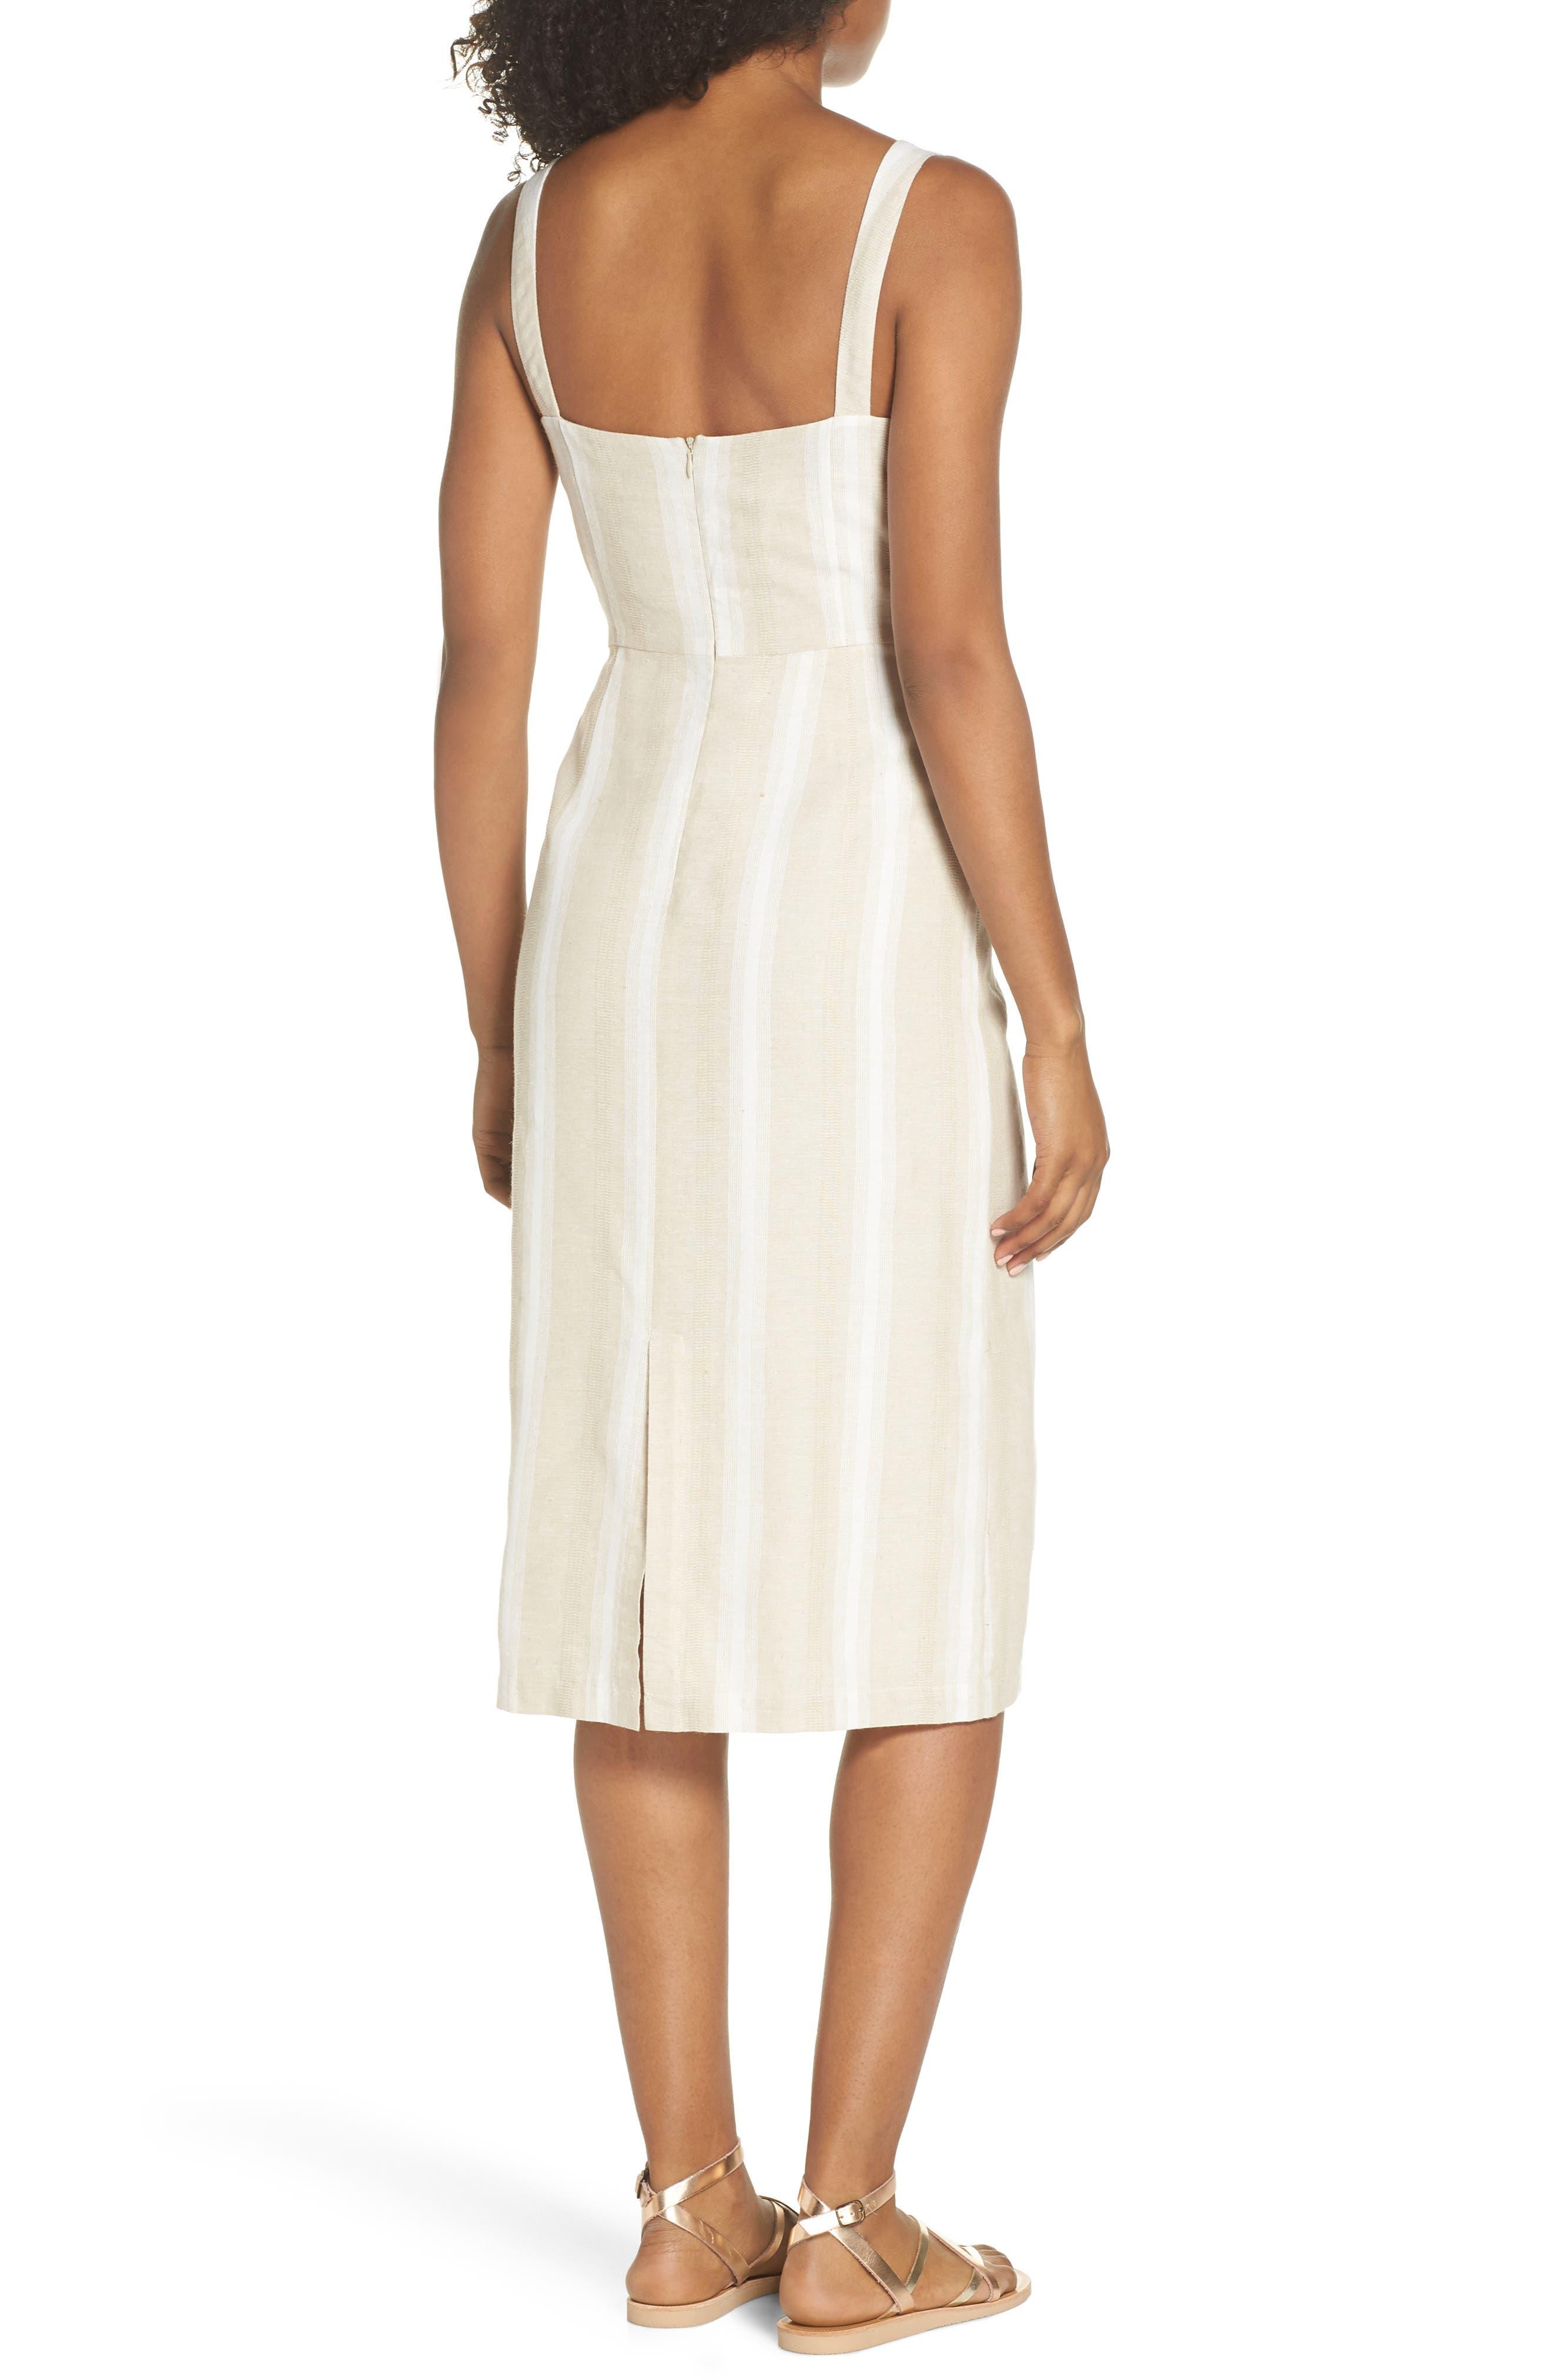 Peekabo Stripe Midi Dress,                             Alternate thumbnail 2, color,                             Sand